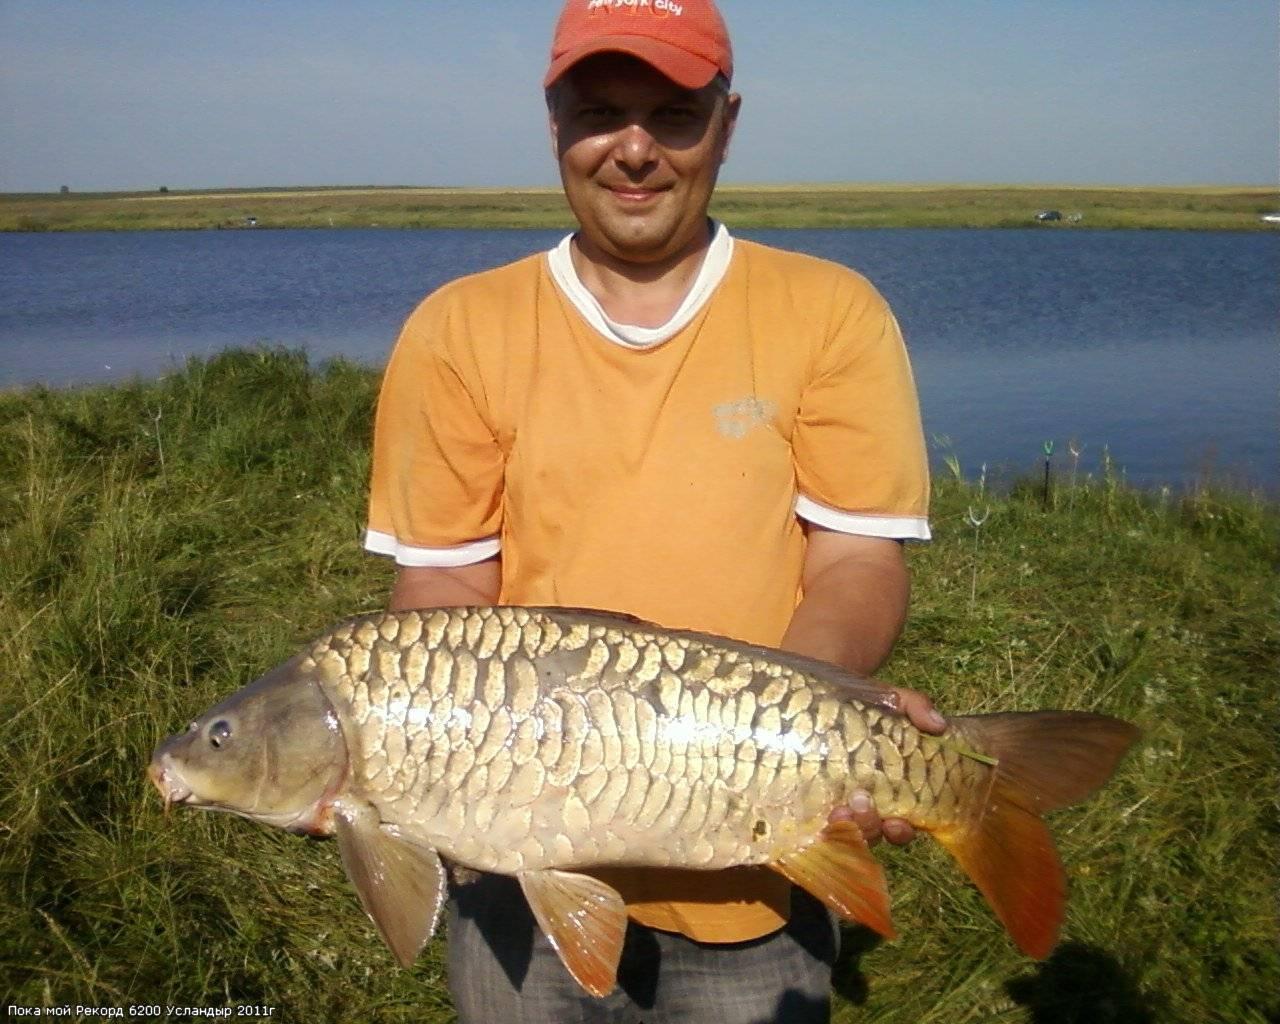 Рыбалка в чувашии уха тв — про рыбалку, рыбаки чувашии уха тв.